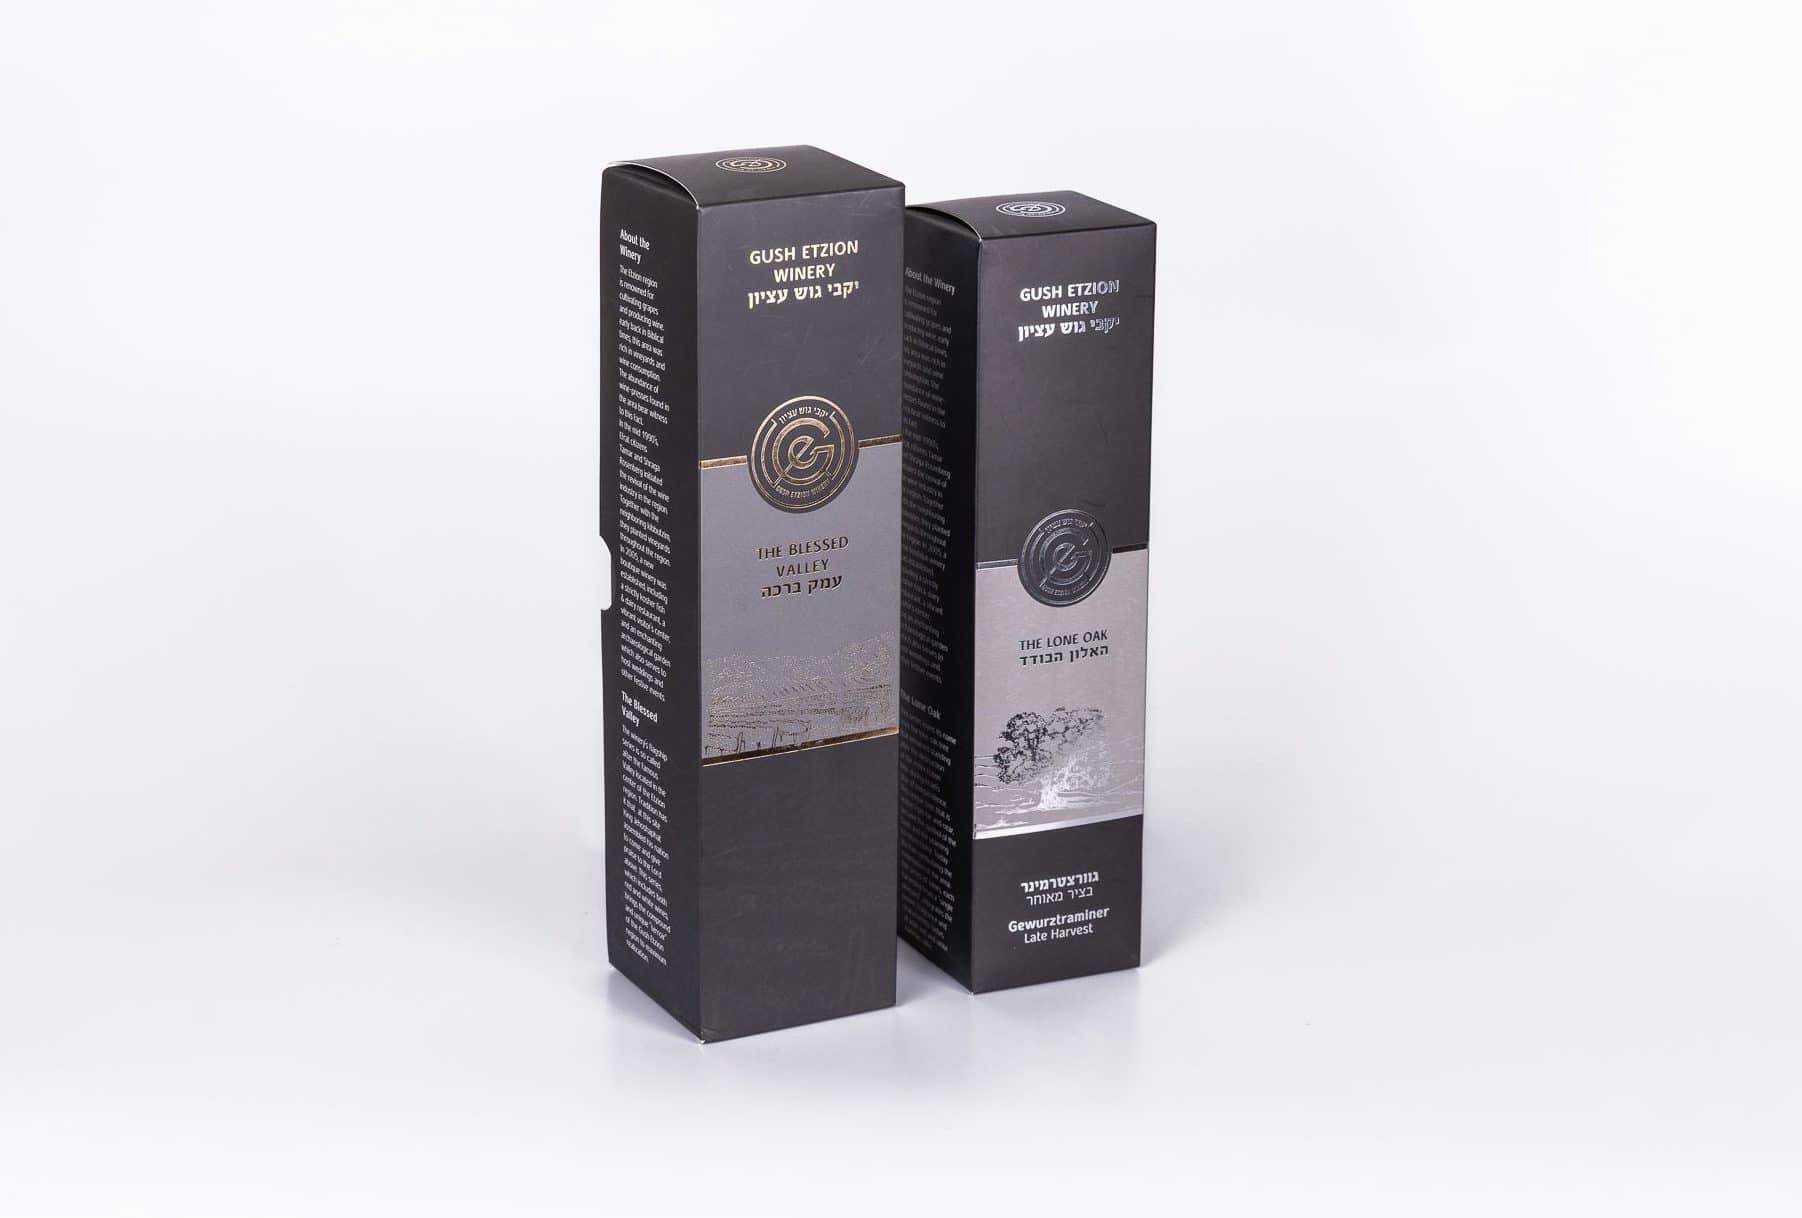 אריזות קרטון לבקבוקי יין של יקבי גוש עציון. האריזות מעוצבות בצבעי שחור ואפור עם הבלטה מוזהבת וכסופה והטבעת פויל. הנארז בנוי מנייר קרטון דופלקס וקרטון דחוס.